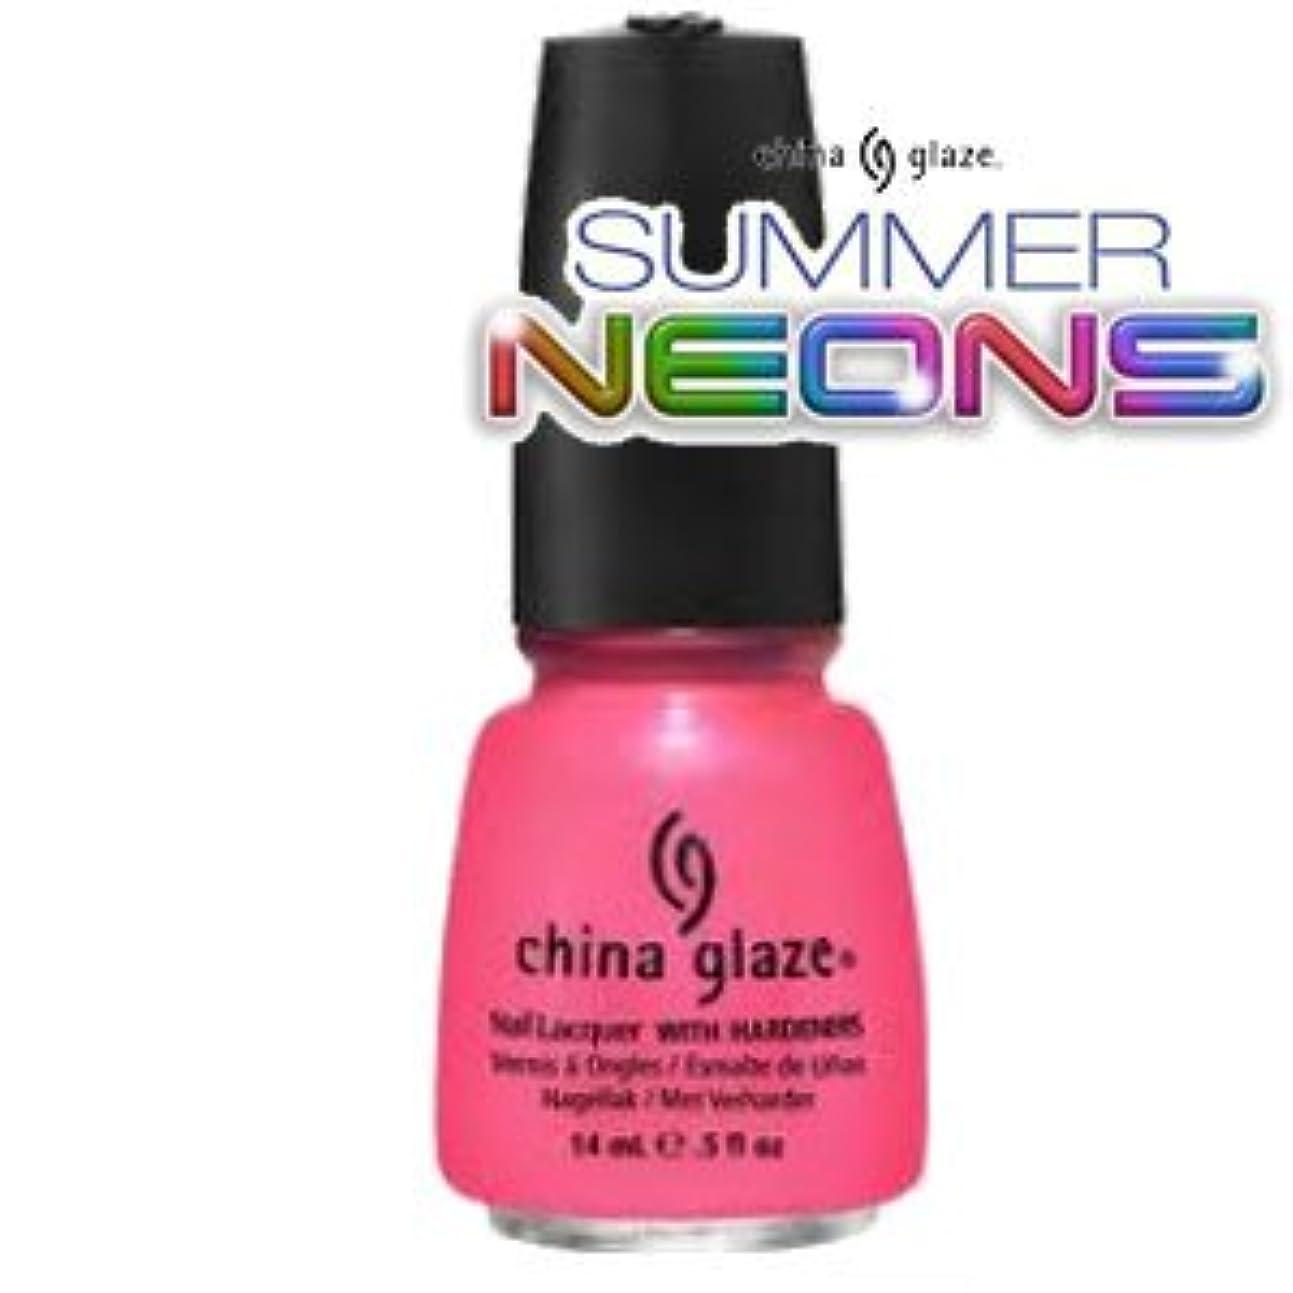 債務者ハリケーン自分の(チャイナグレイズ)China Glaze Pink Plumeriaーサマーネオン コレクション [海外直送品][並行輸入品]